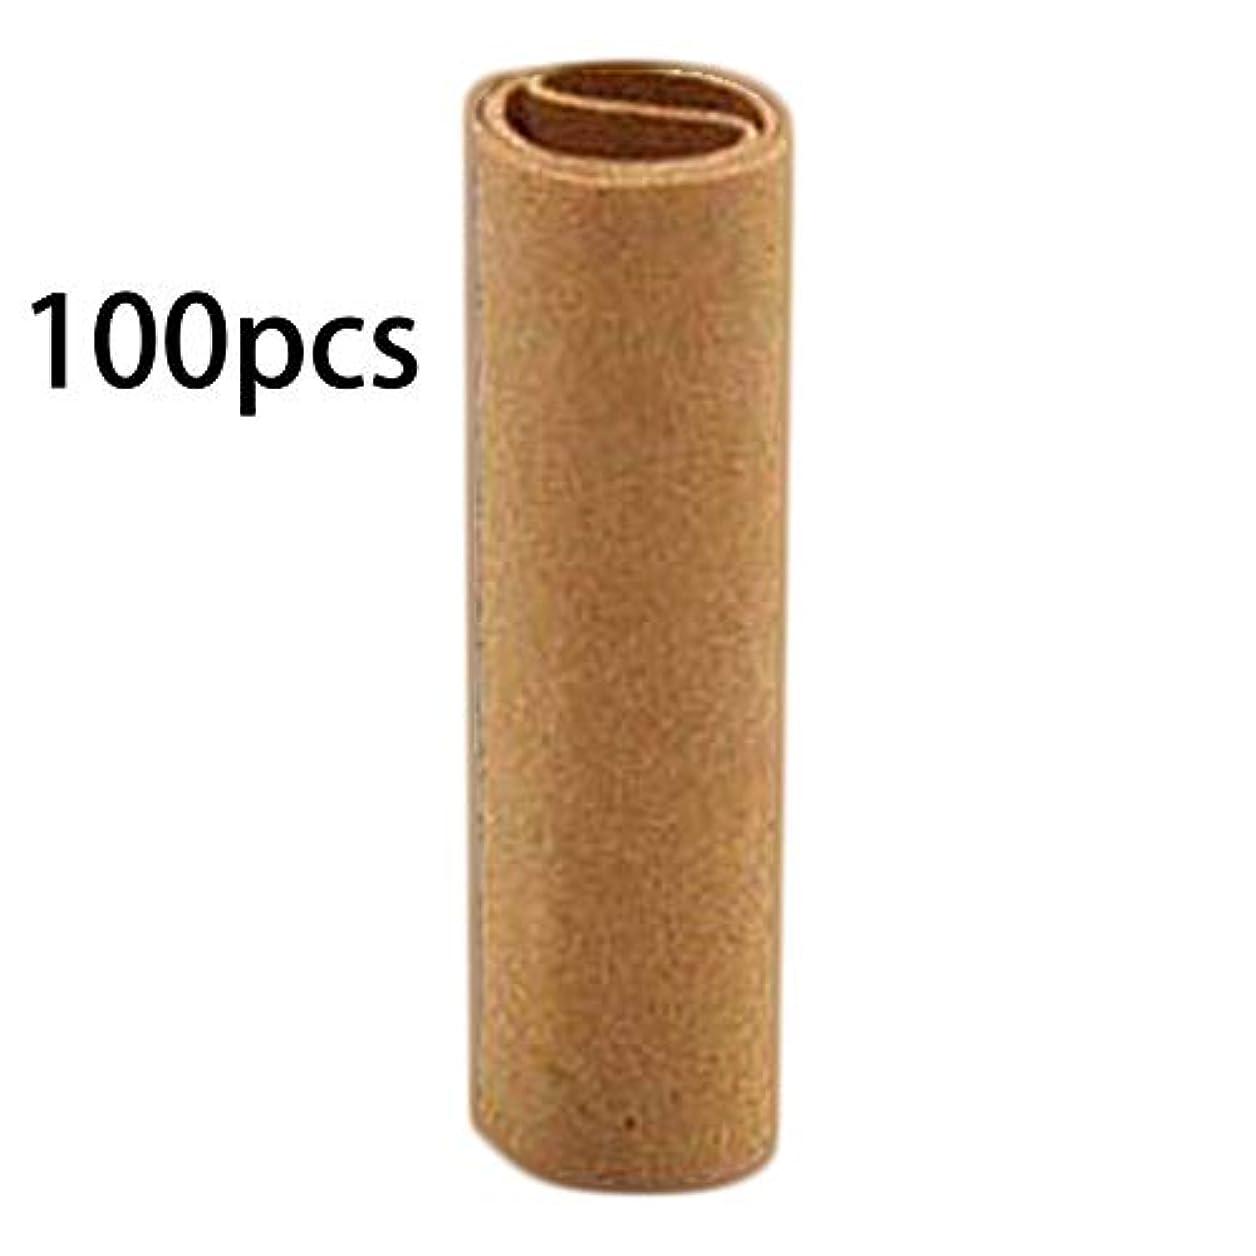 韓国スパイラル損傷タバコフィルタシガレットホルダー7ミリメートルフィルター100錠ローリングペーパーフィルター